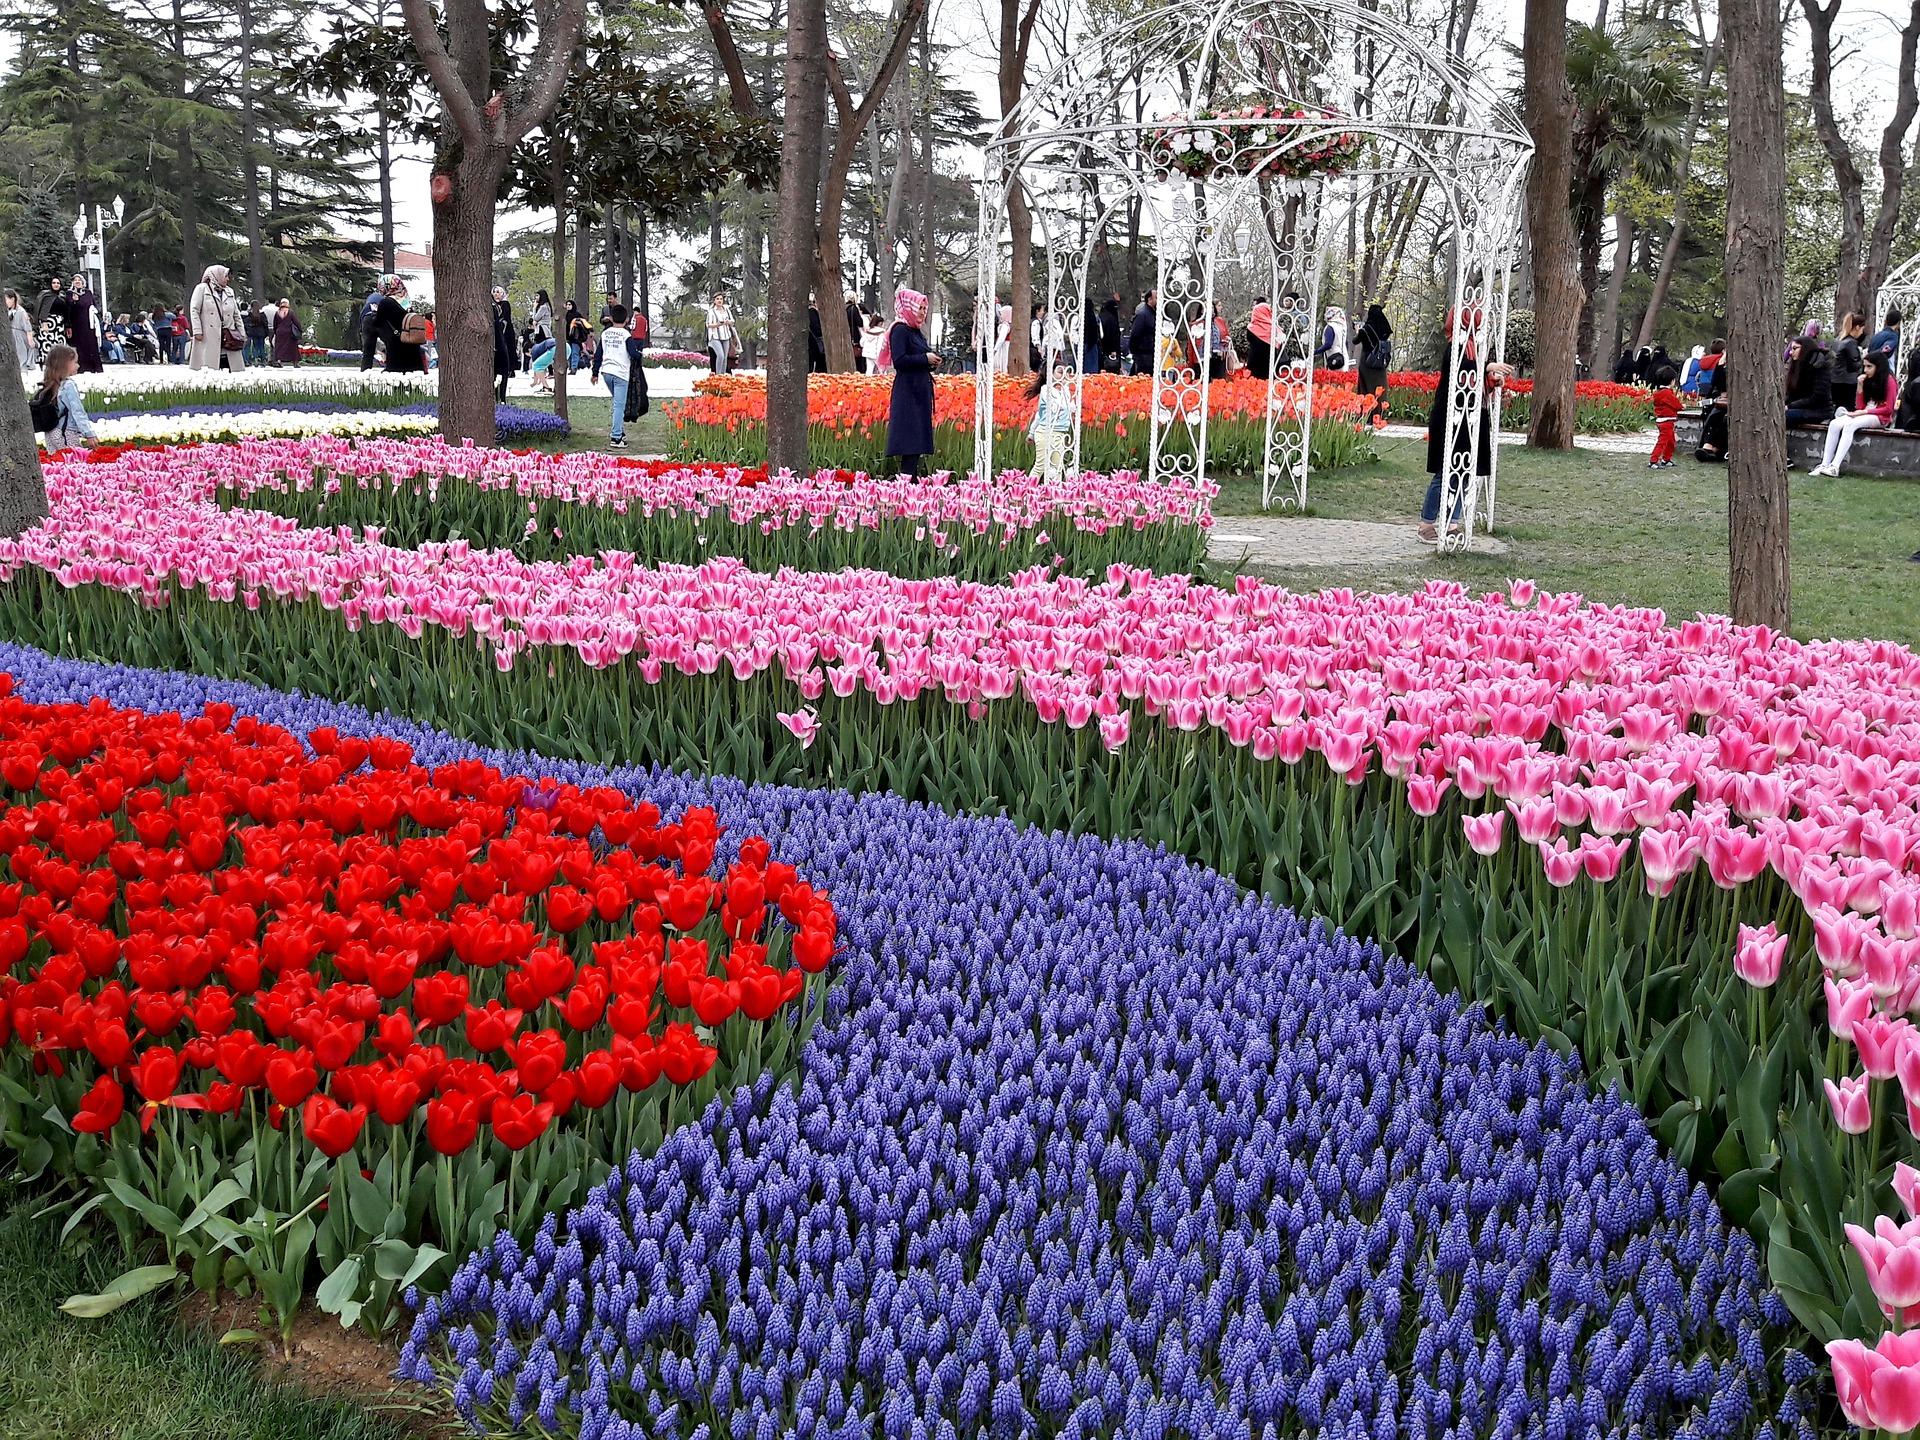 Piantare I Bulbi Di Tulipani uno spettacolare festival di tulipani - parextour